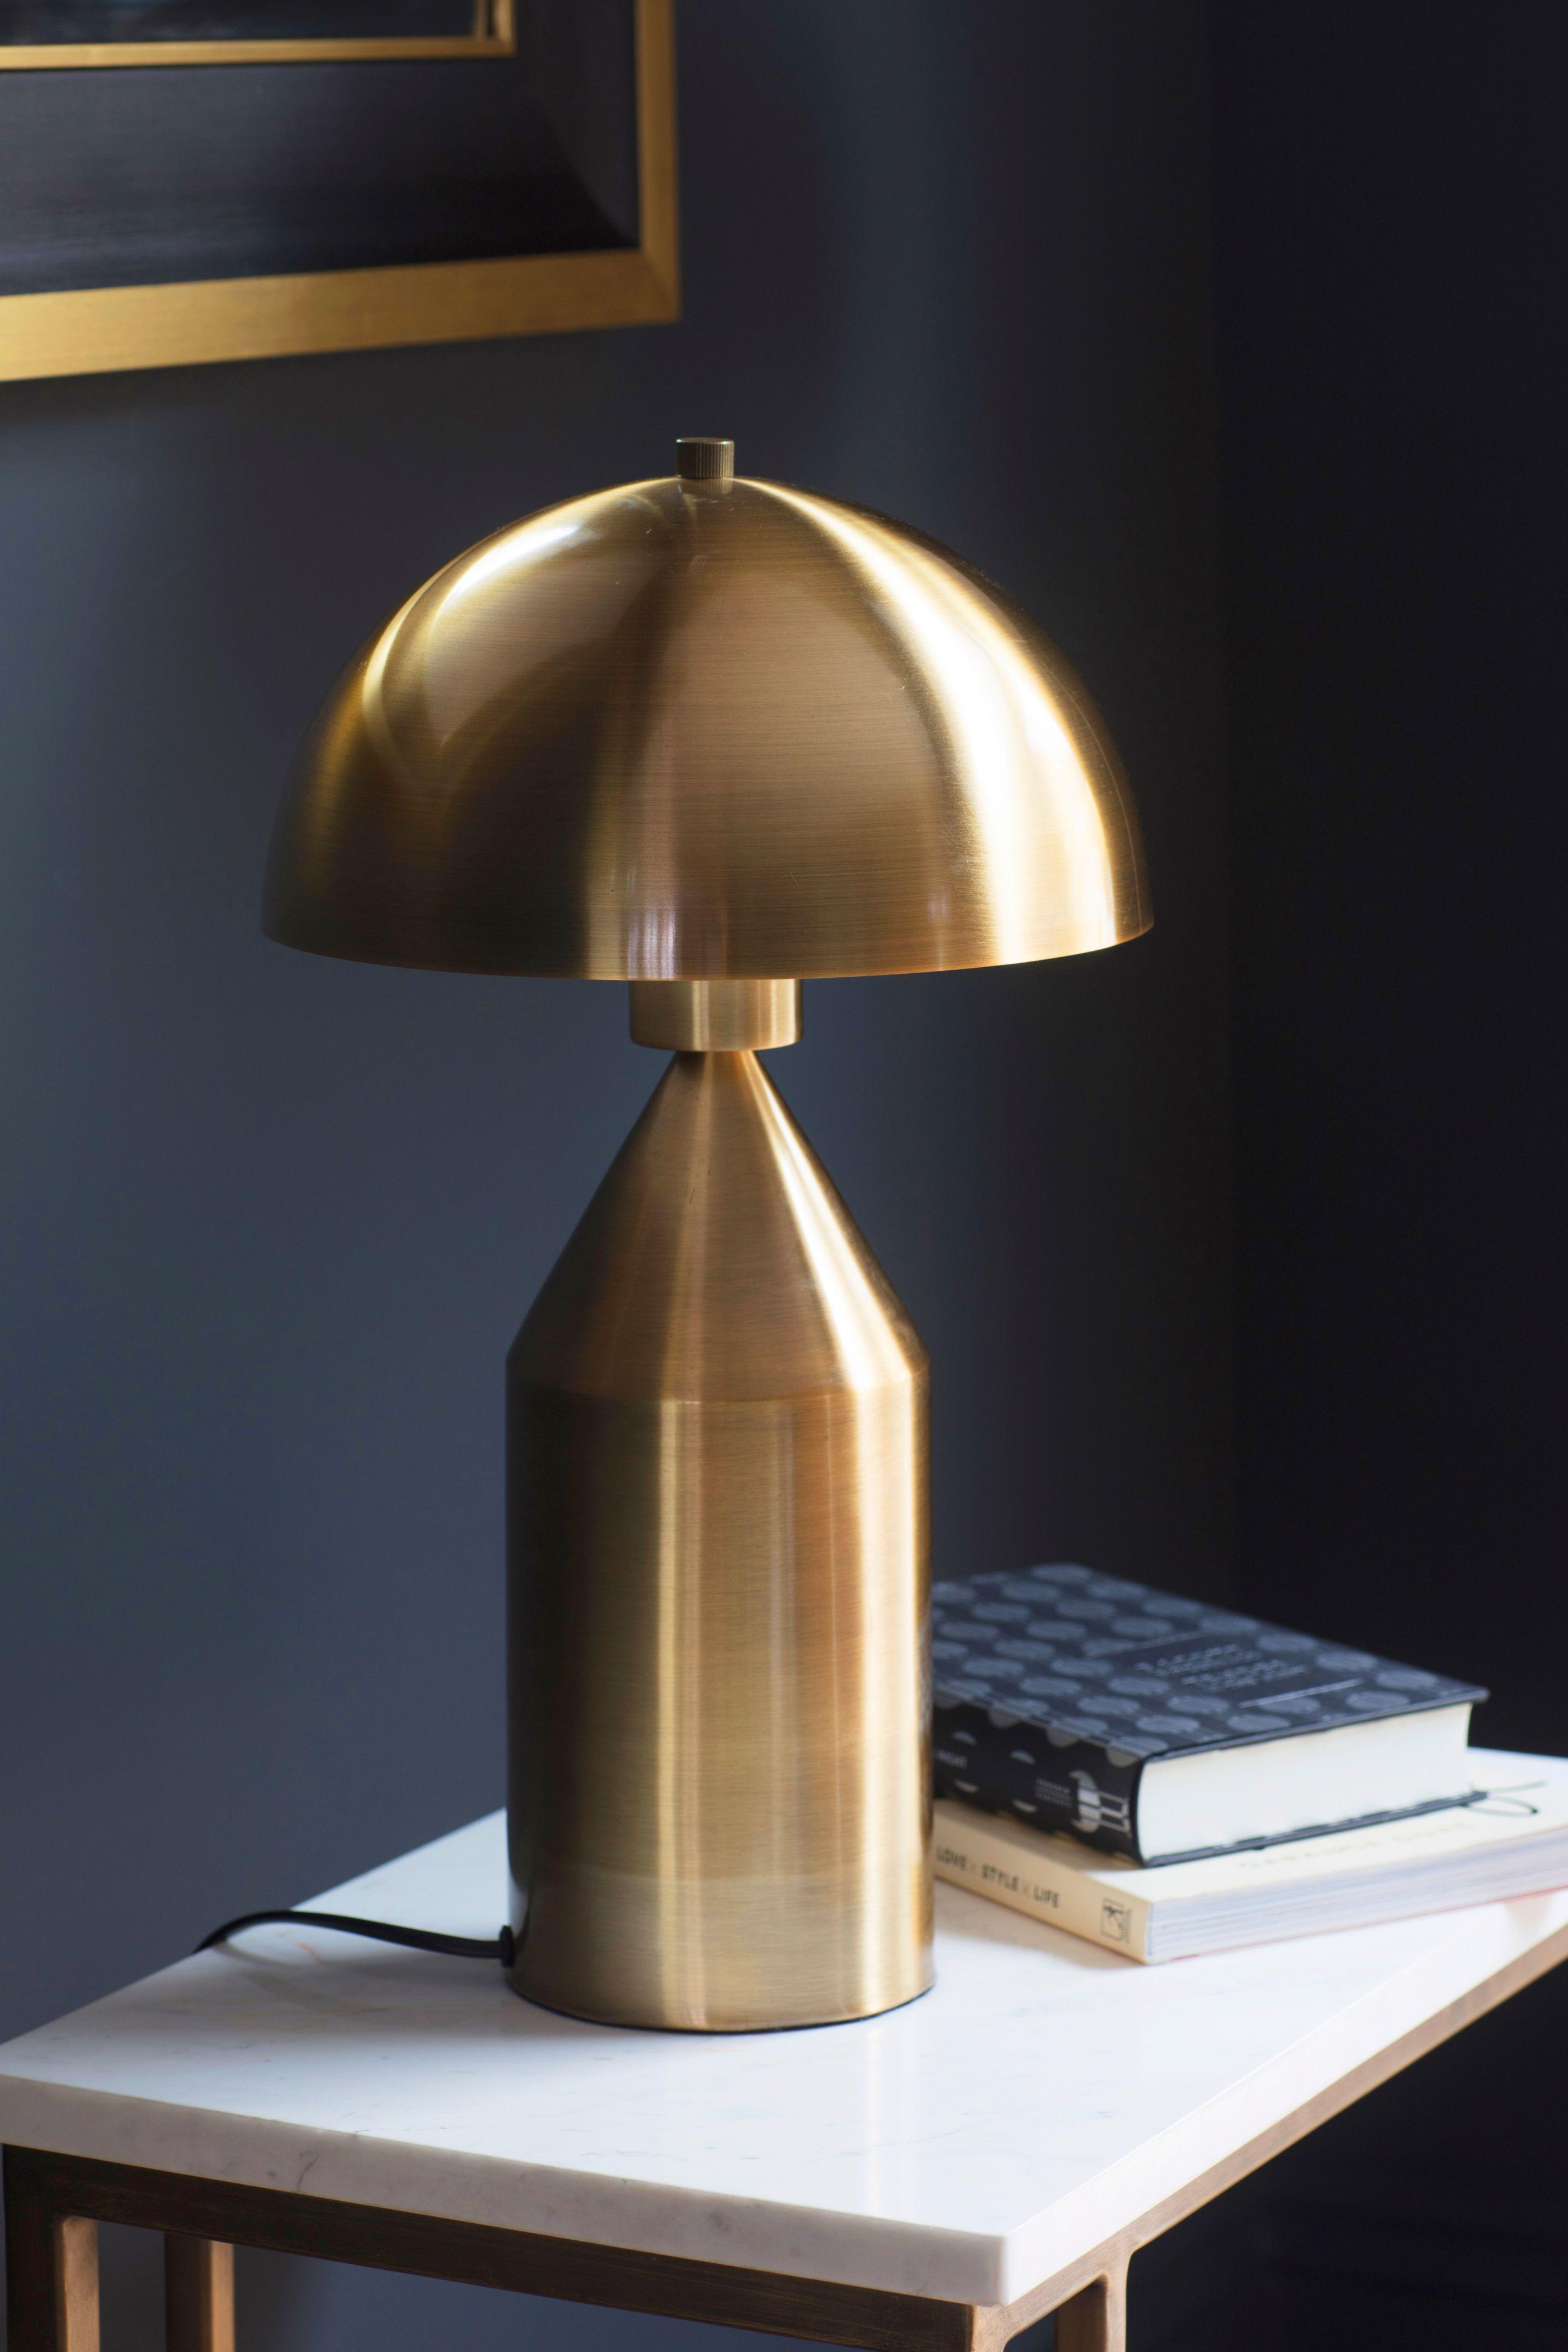 gold lamp from House of Frasier